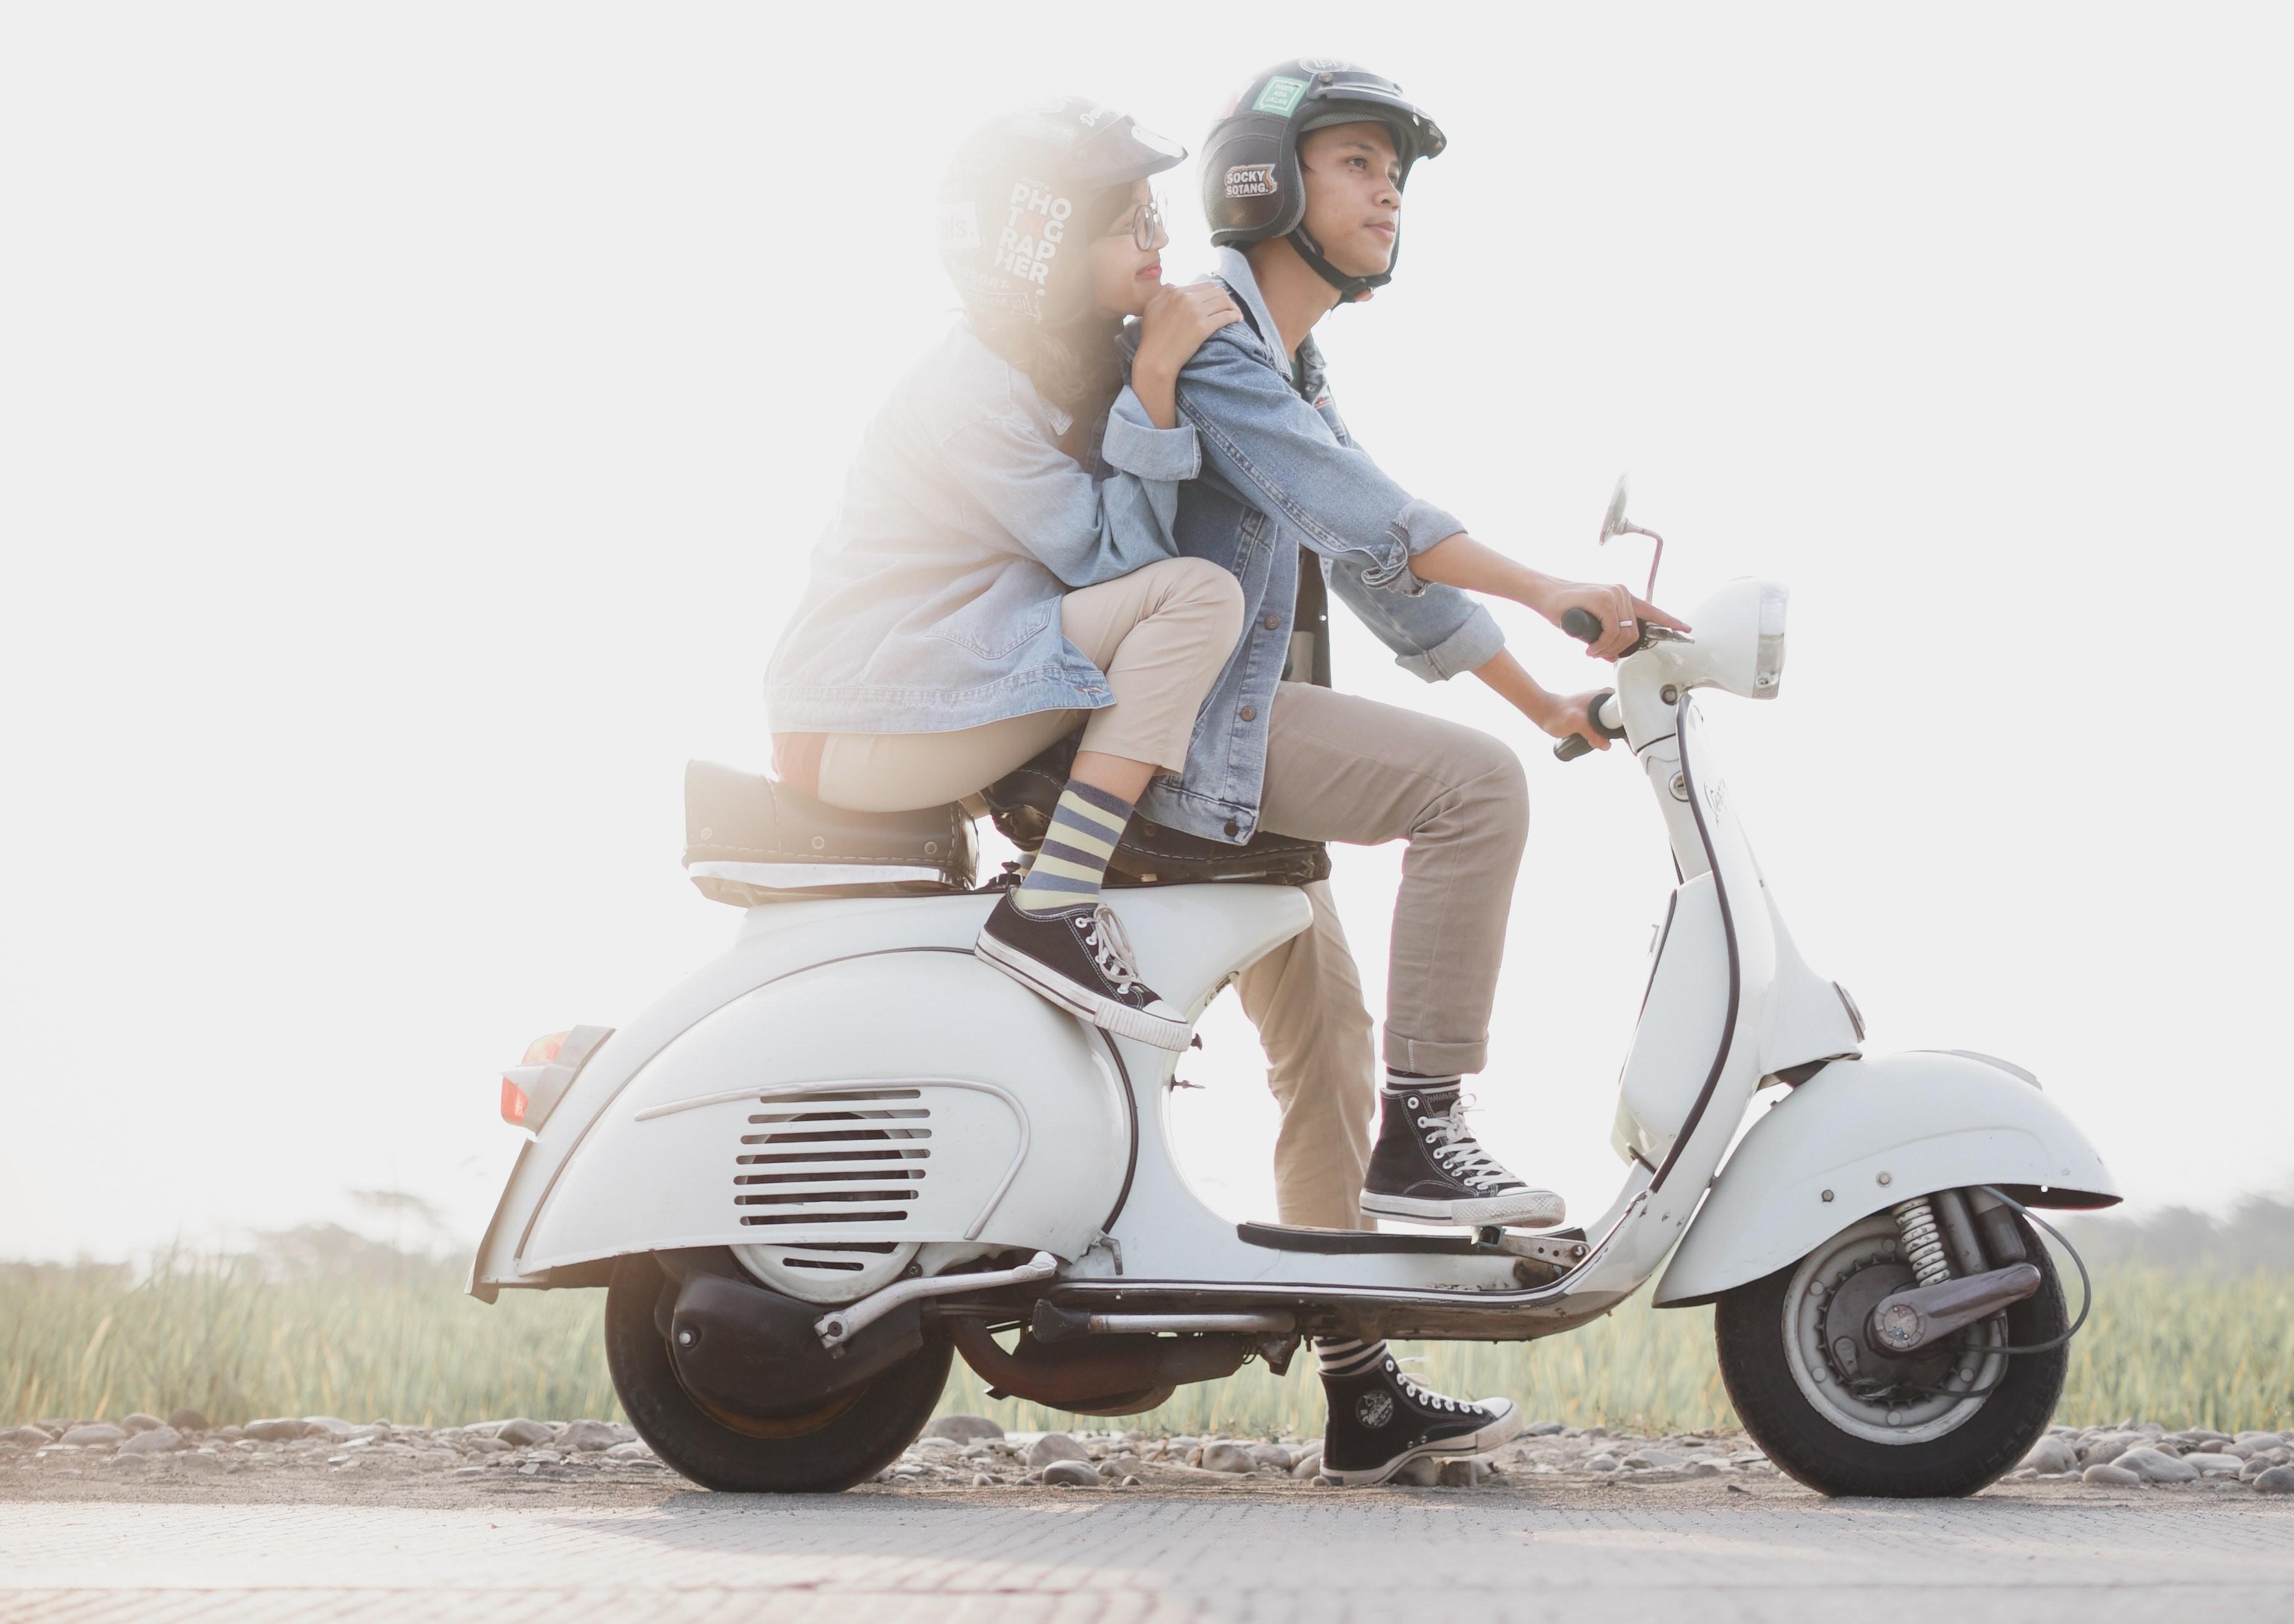 Scooter opzittenden dekking verzekering